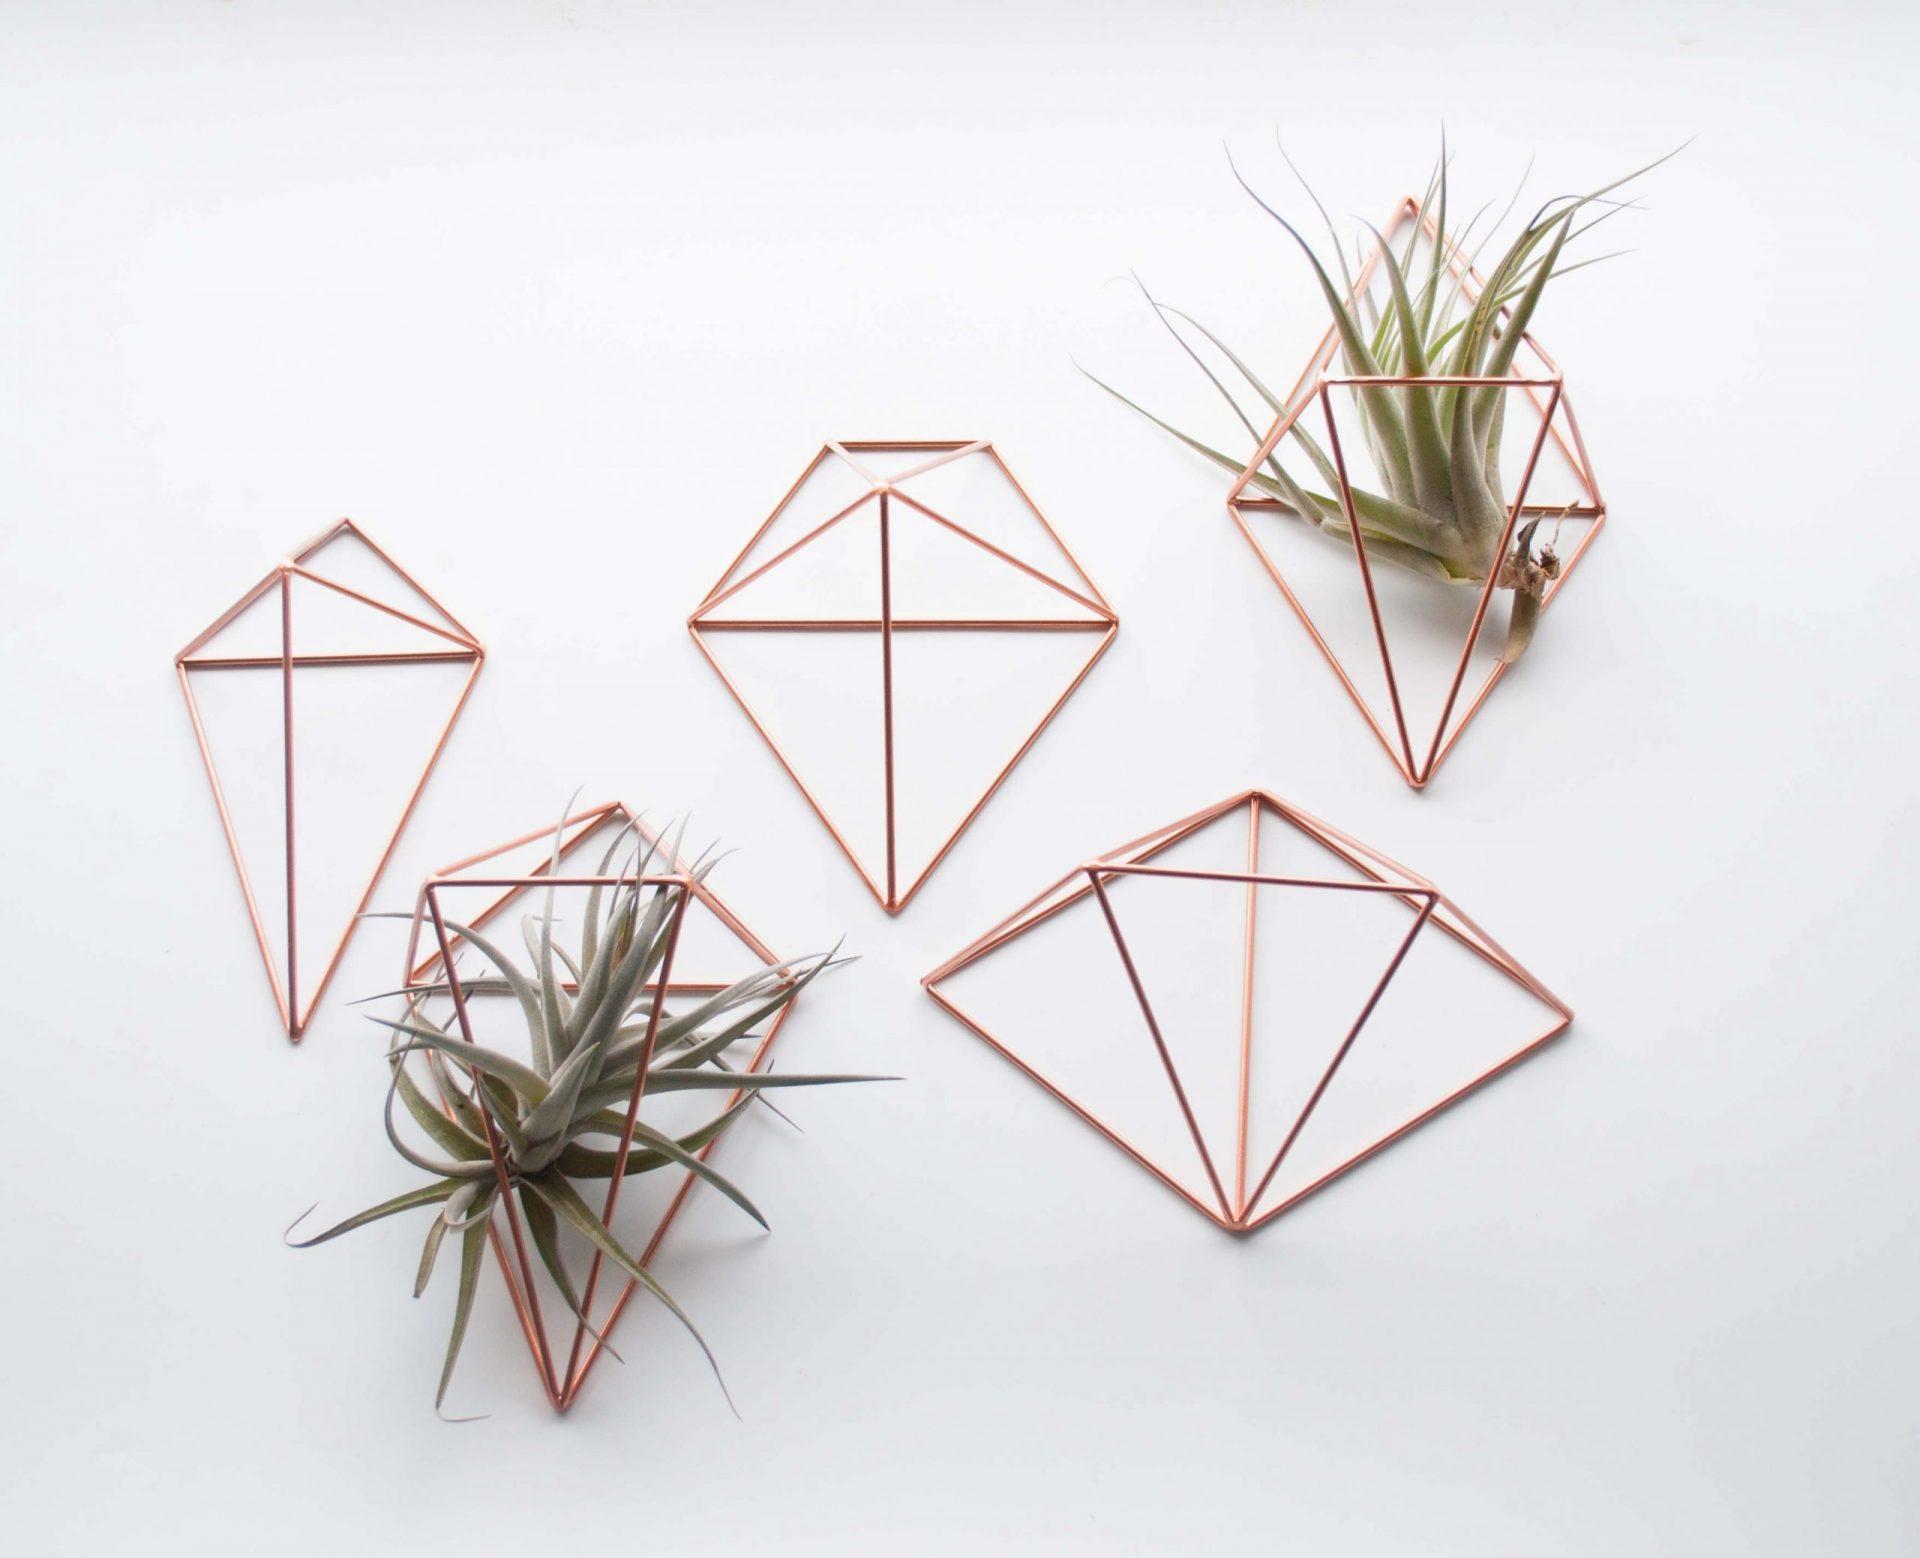 5 himmilis in copper